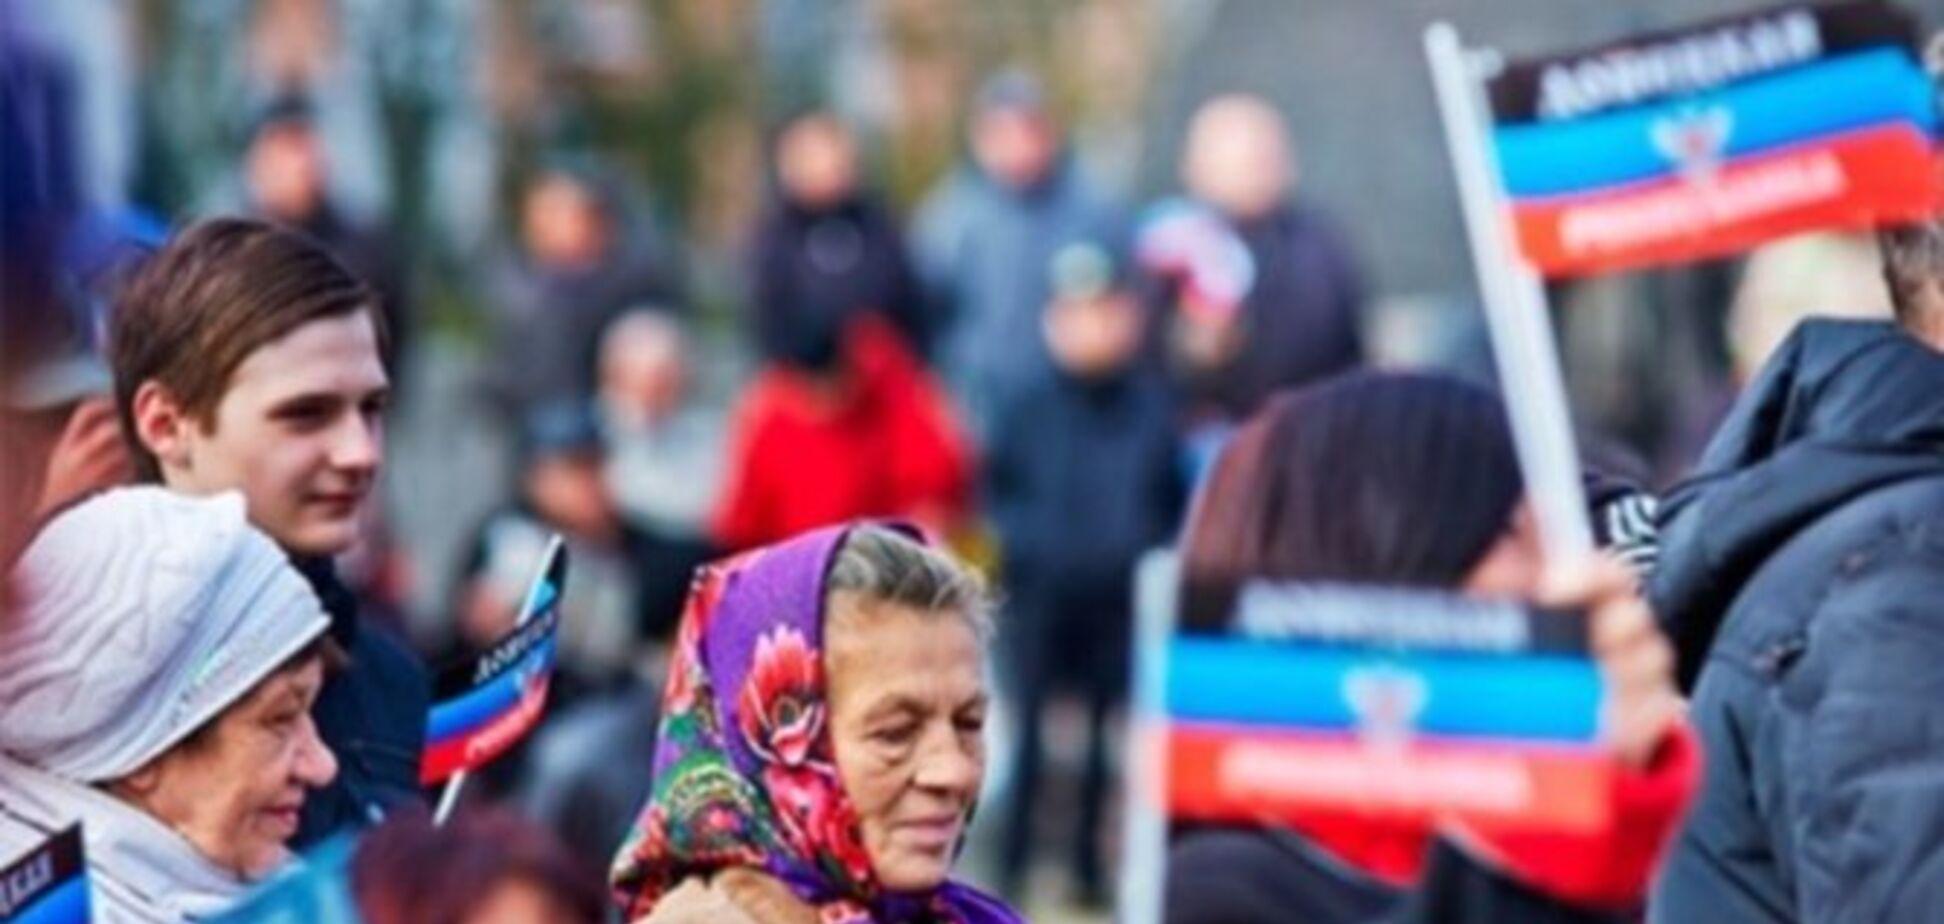 ''Уверен на 100%'': священник ПЦУ спрогнозировал будущее жителей Донбасса